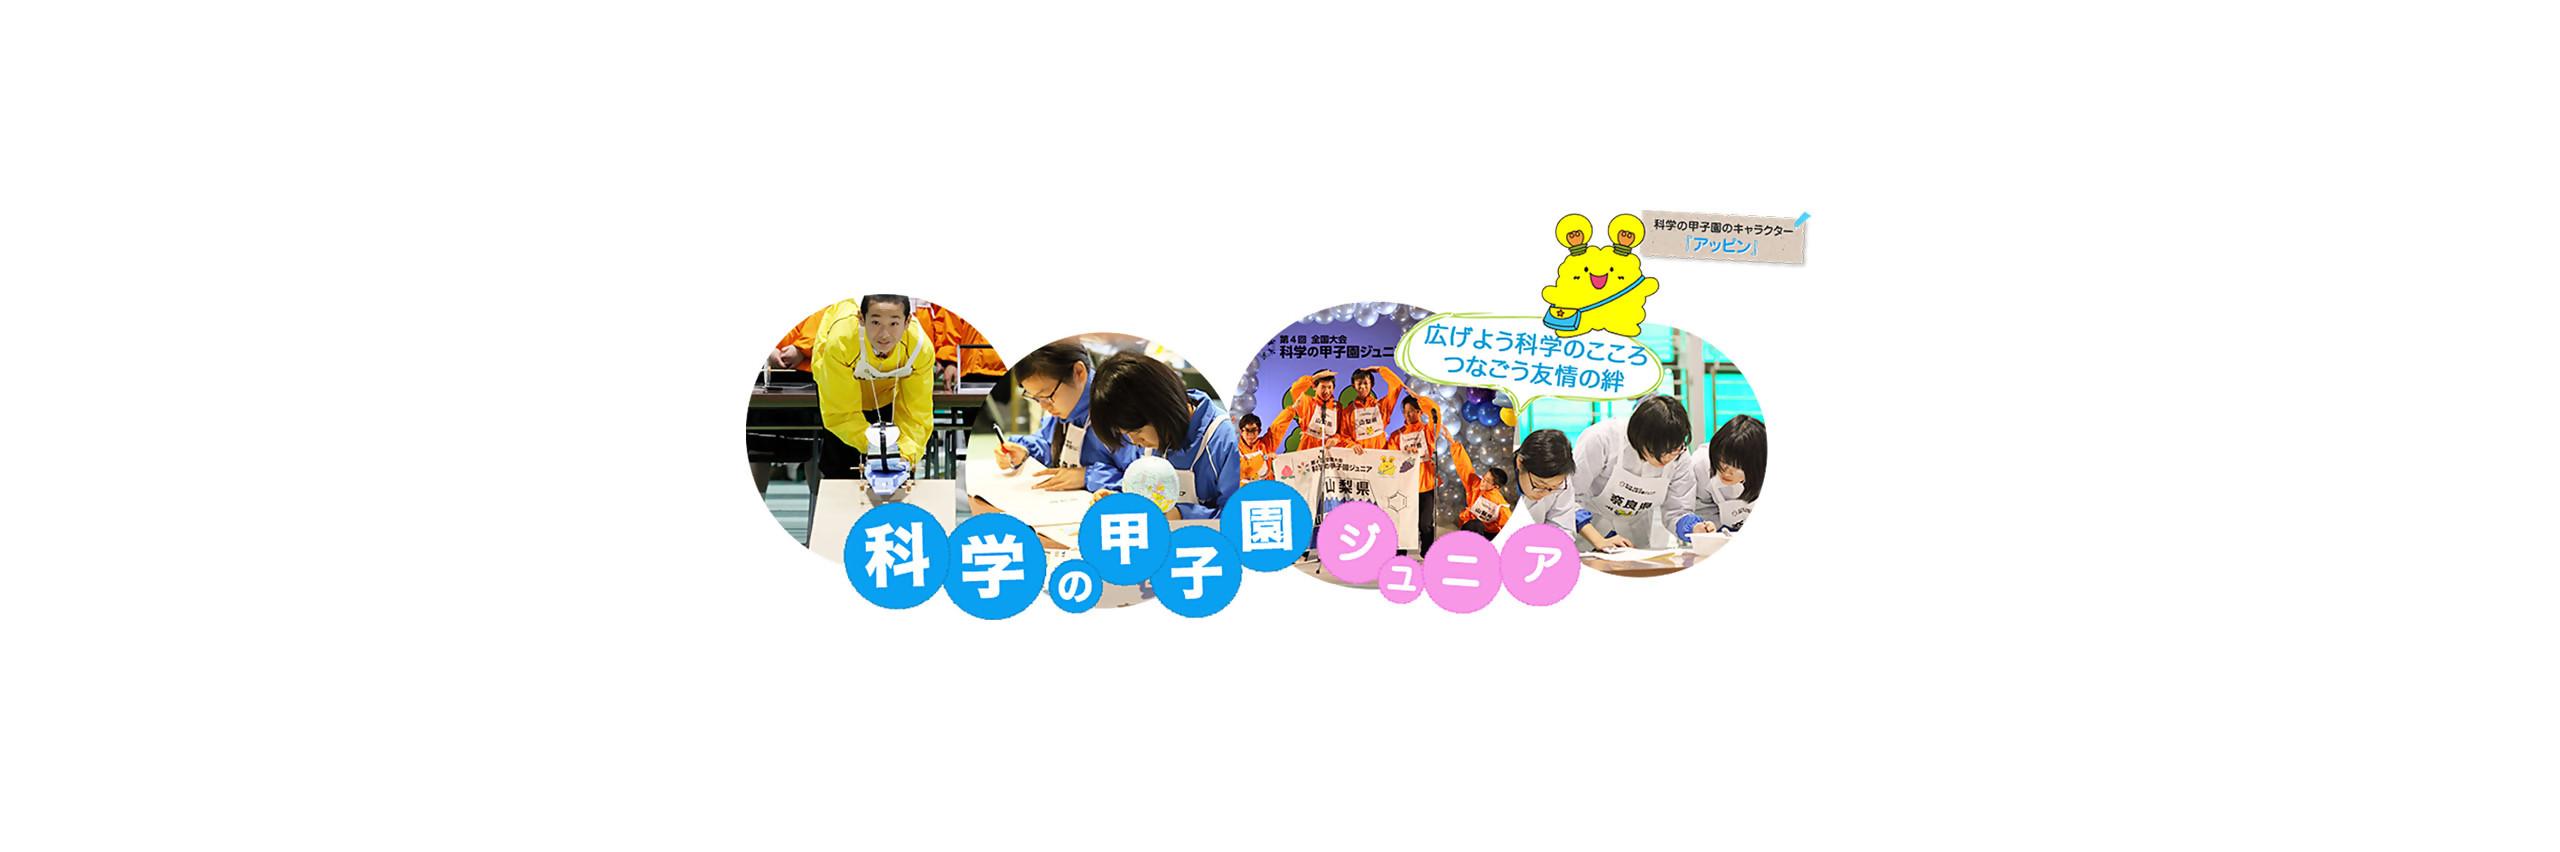 第5回科学の甲子園ジュニア全国大会「開会式」「基調講演」「実技競技①②」「表彰式」